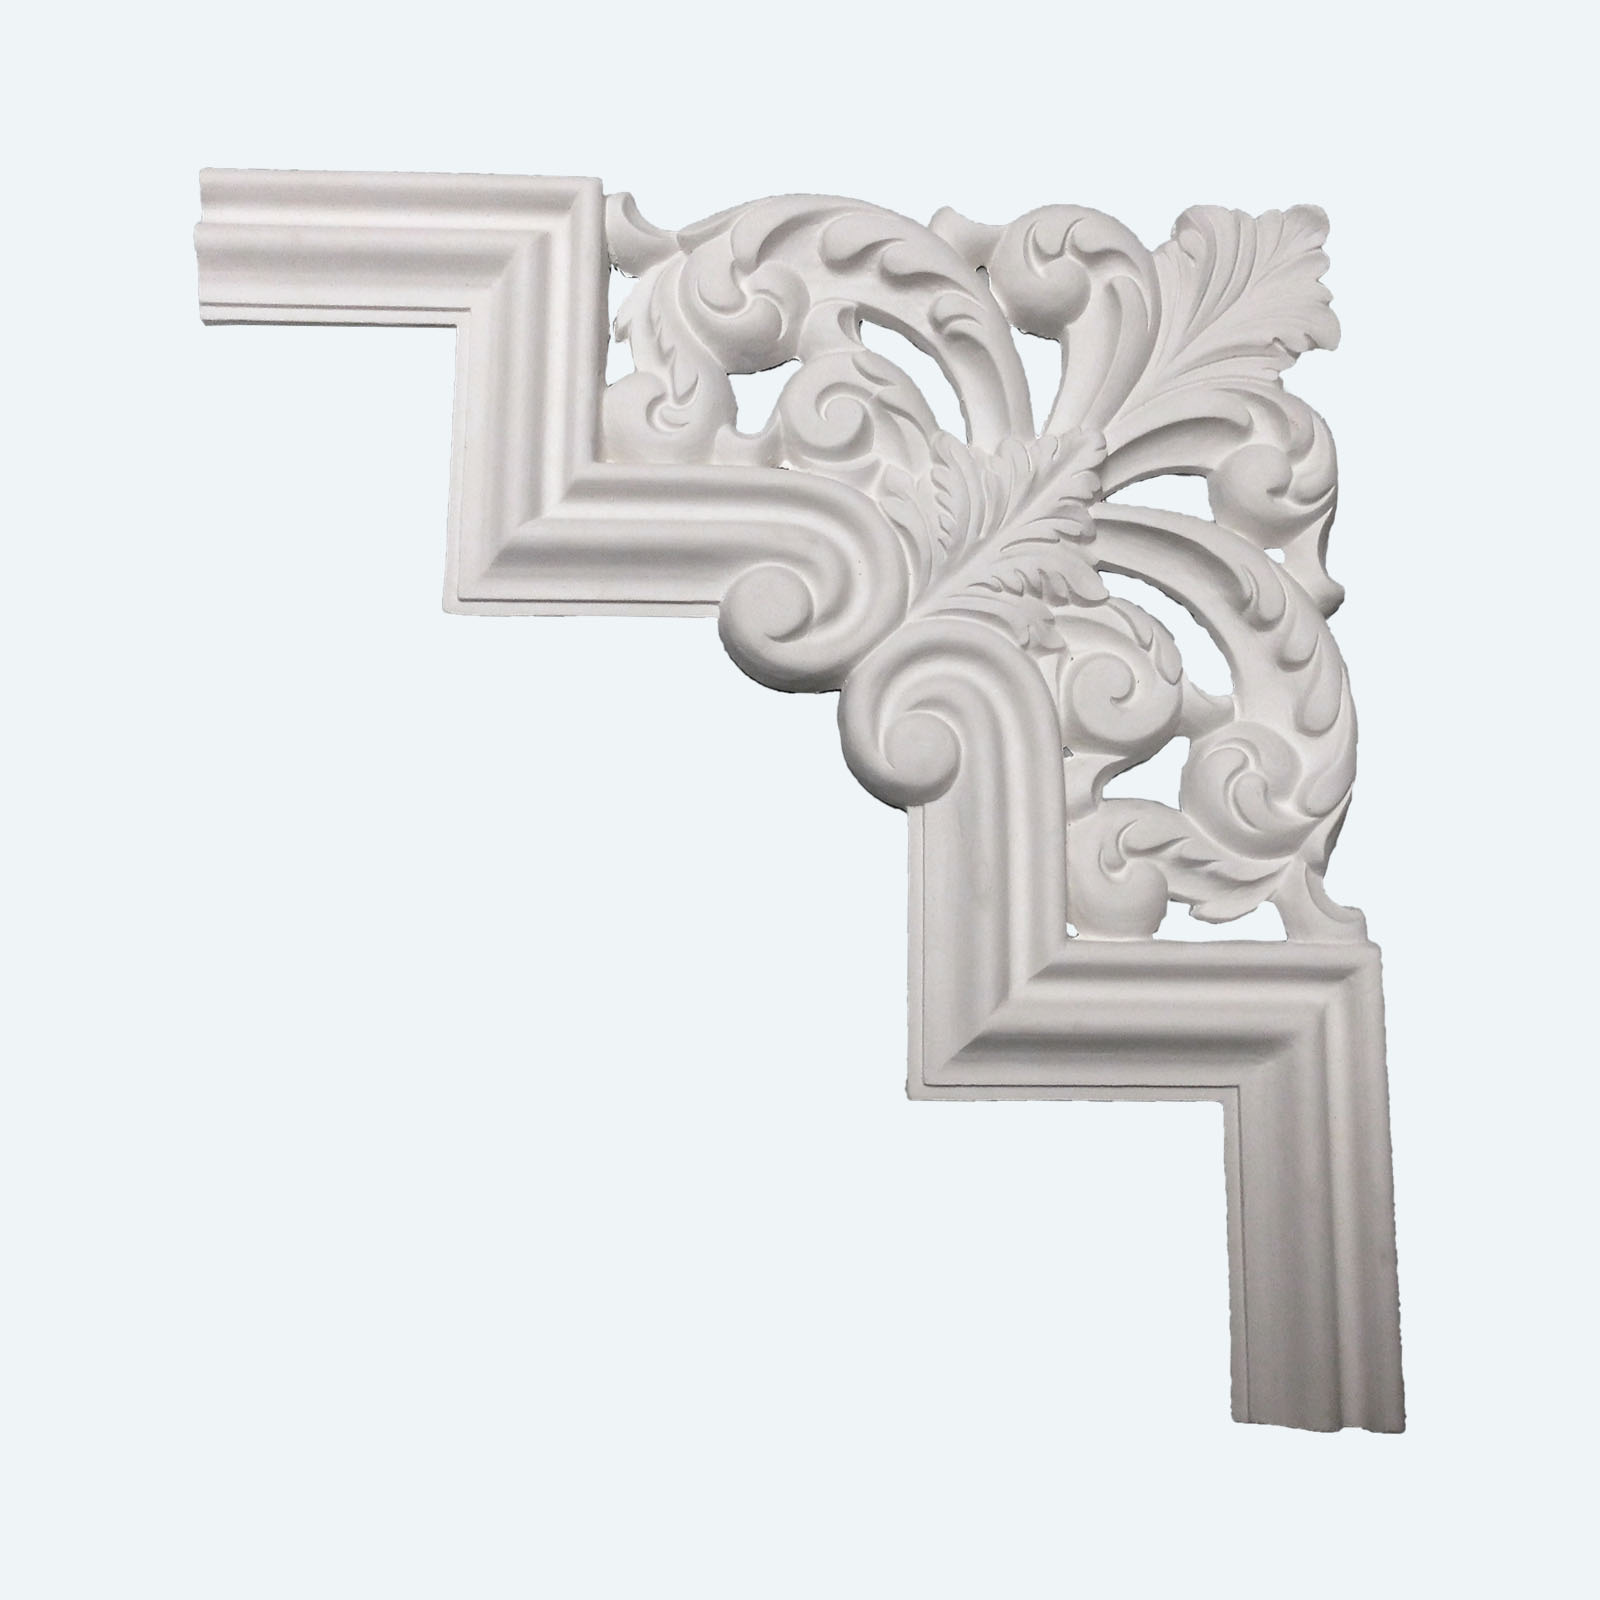 Hoekstukken plafond uit echt gips for Gips decor images